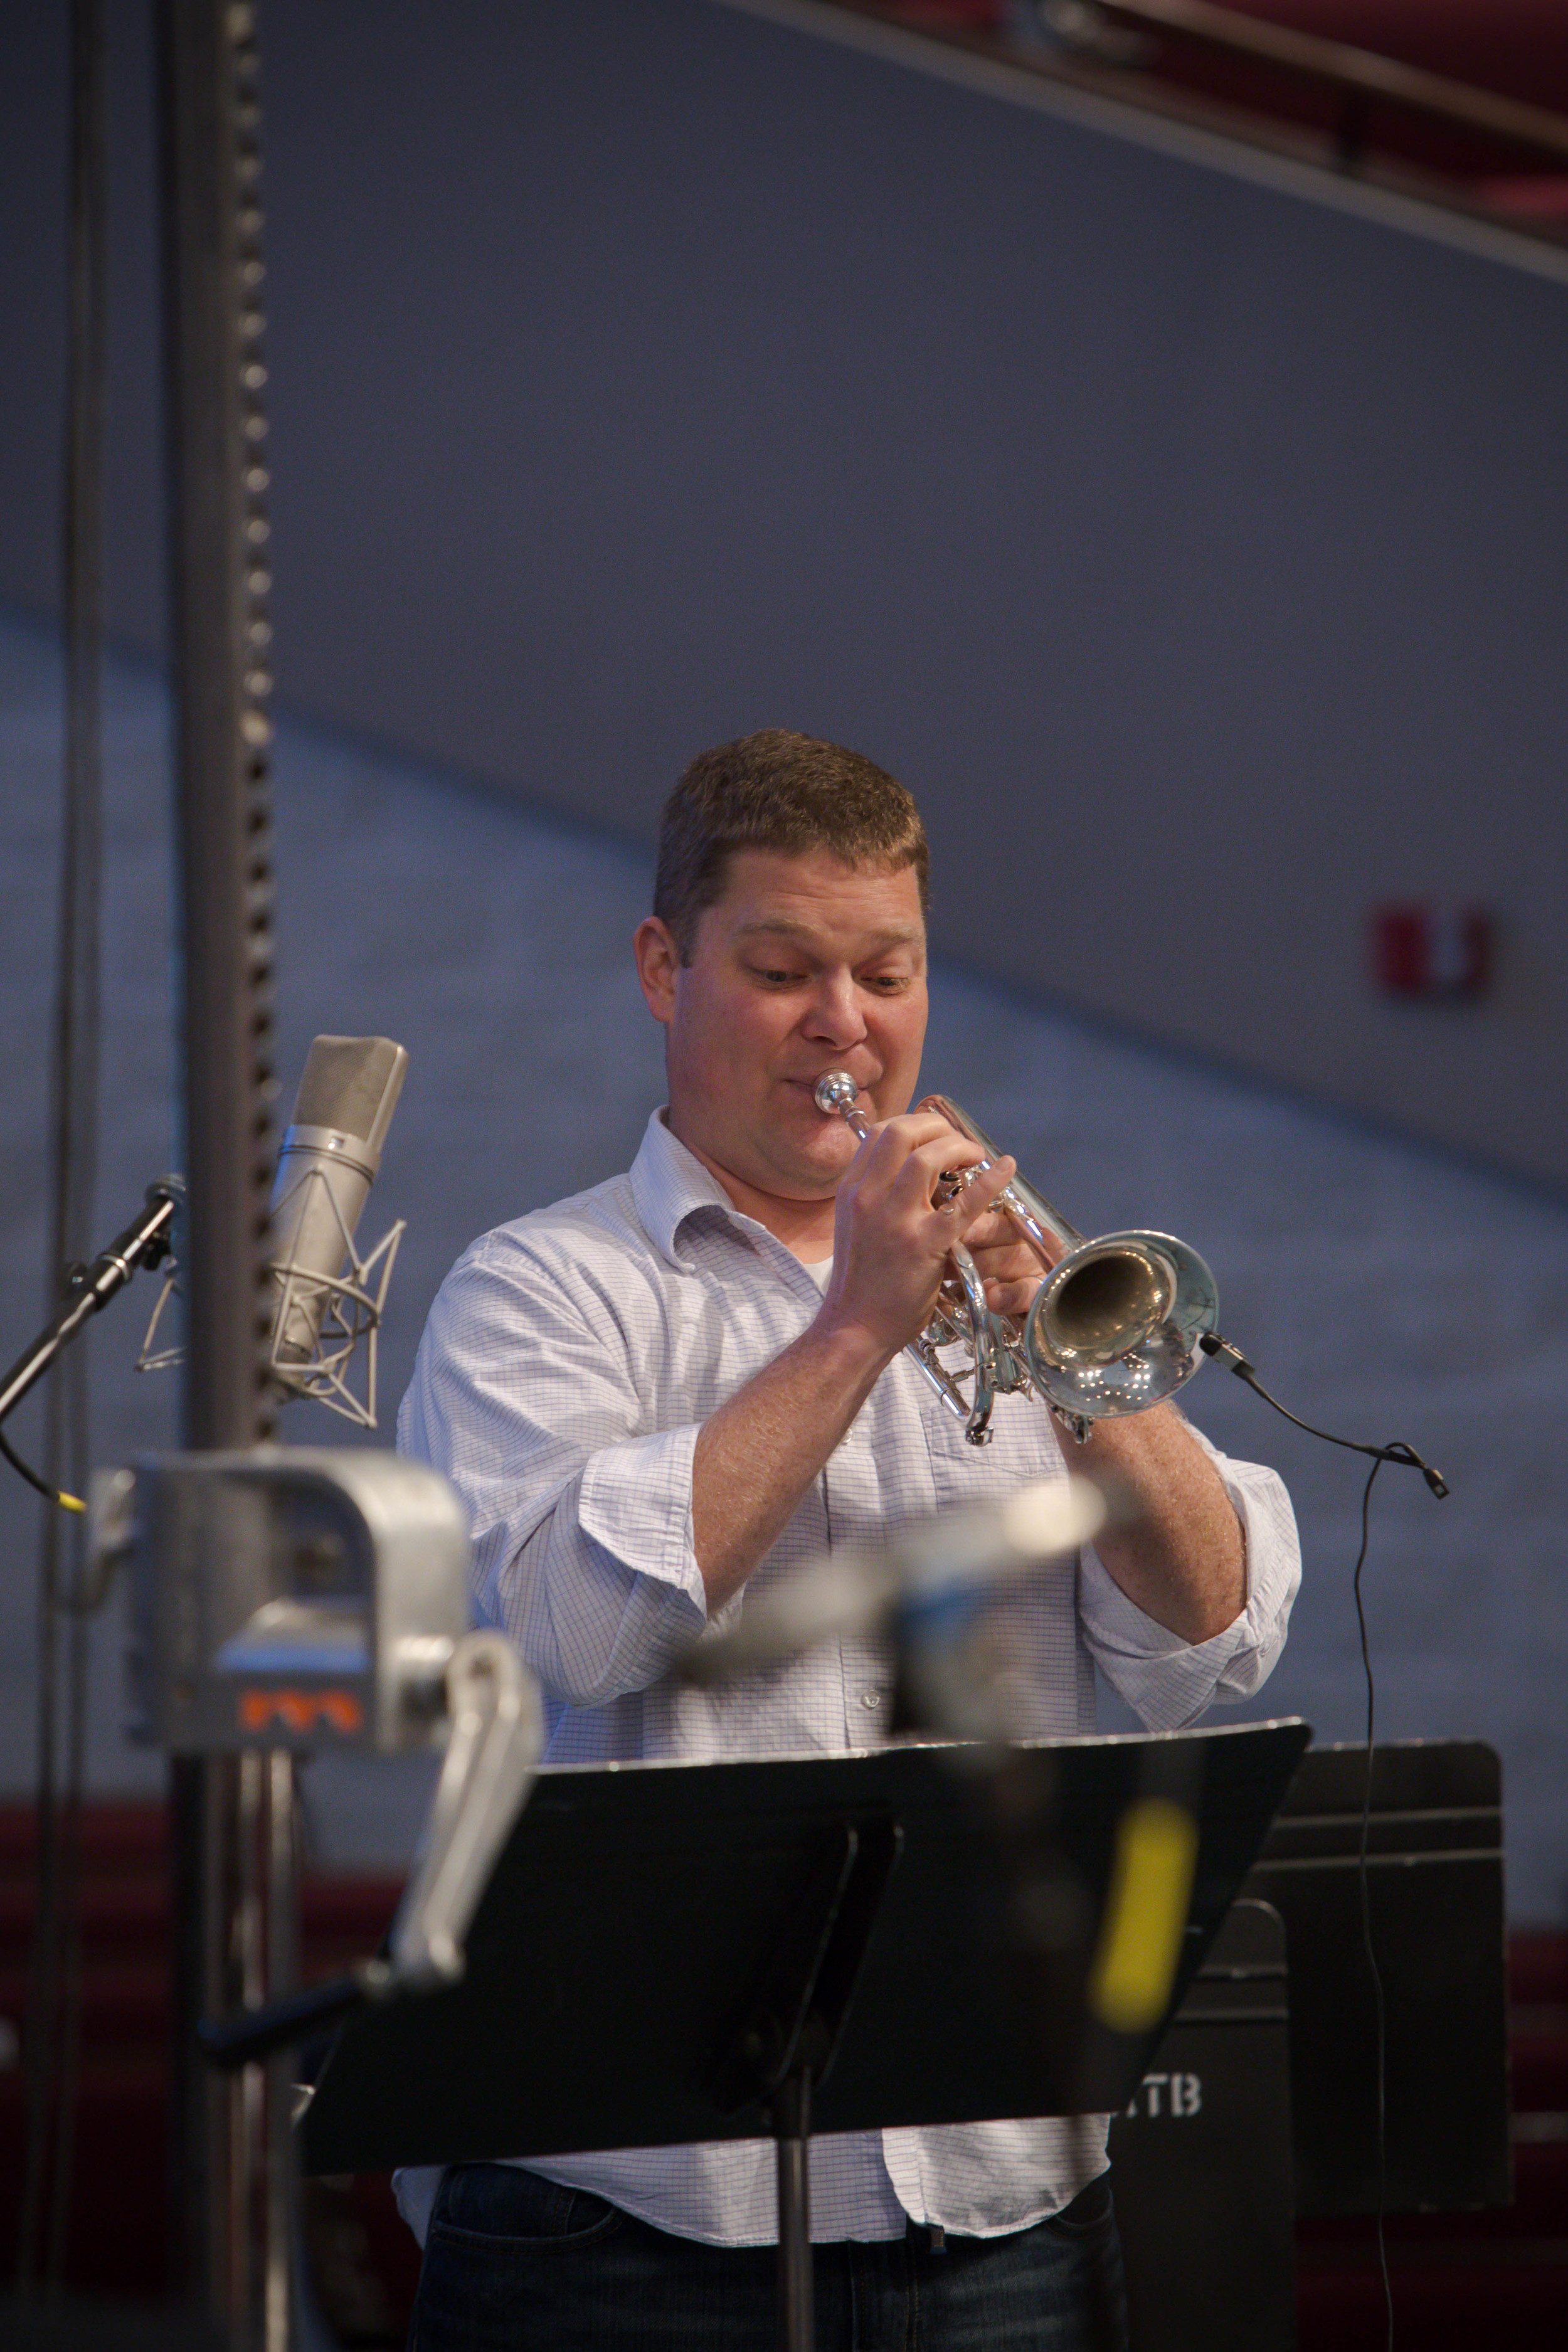 Soloist Jeff Barrington